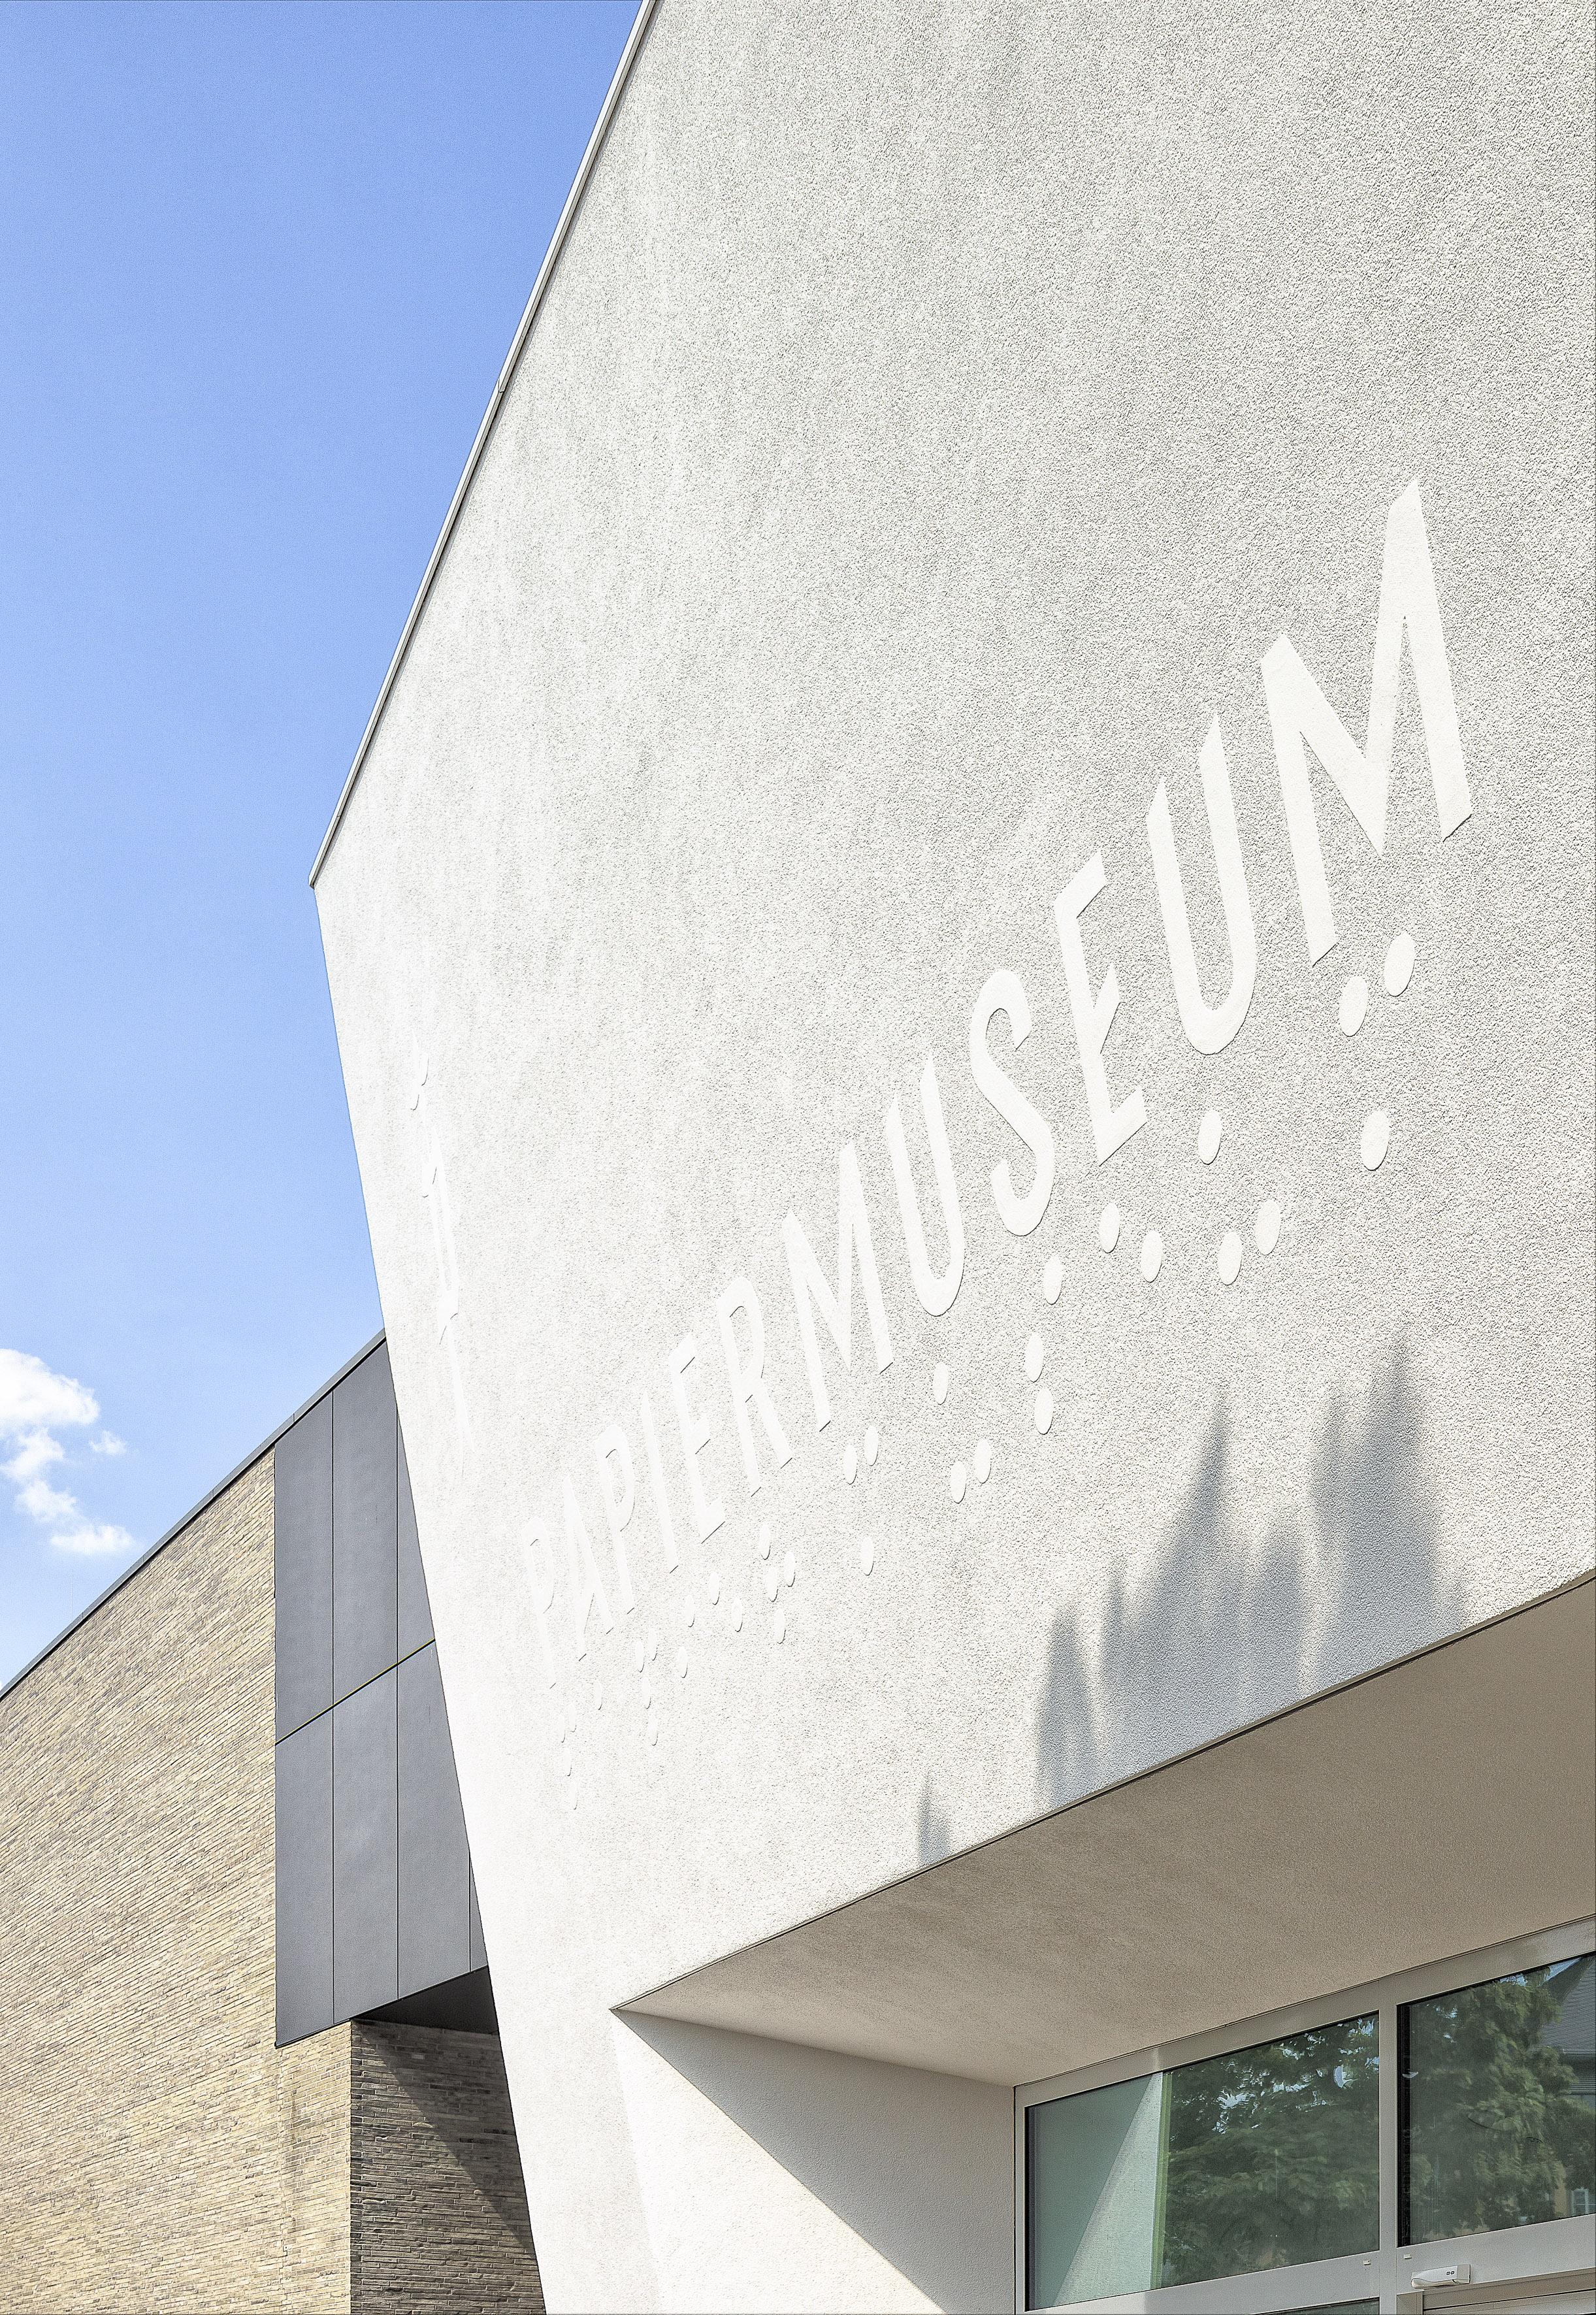 """Fassadenschrift """"Papiermuseum"""" weiß auf weiß über dem Eingangsbereich"""